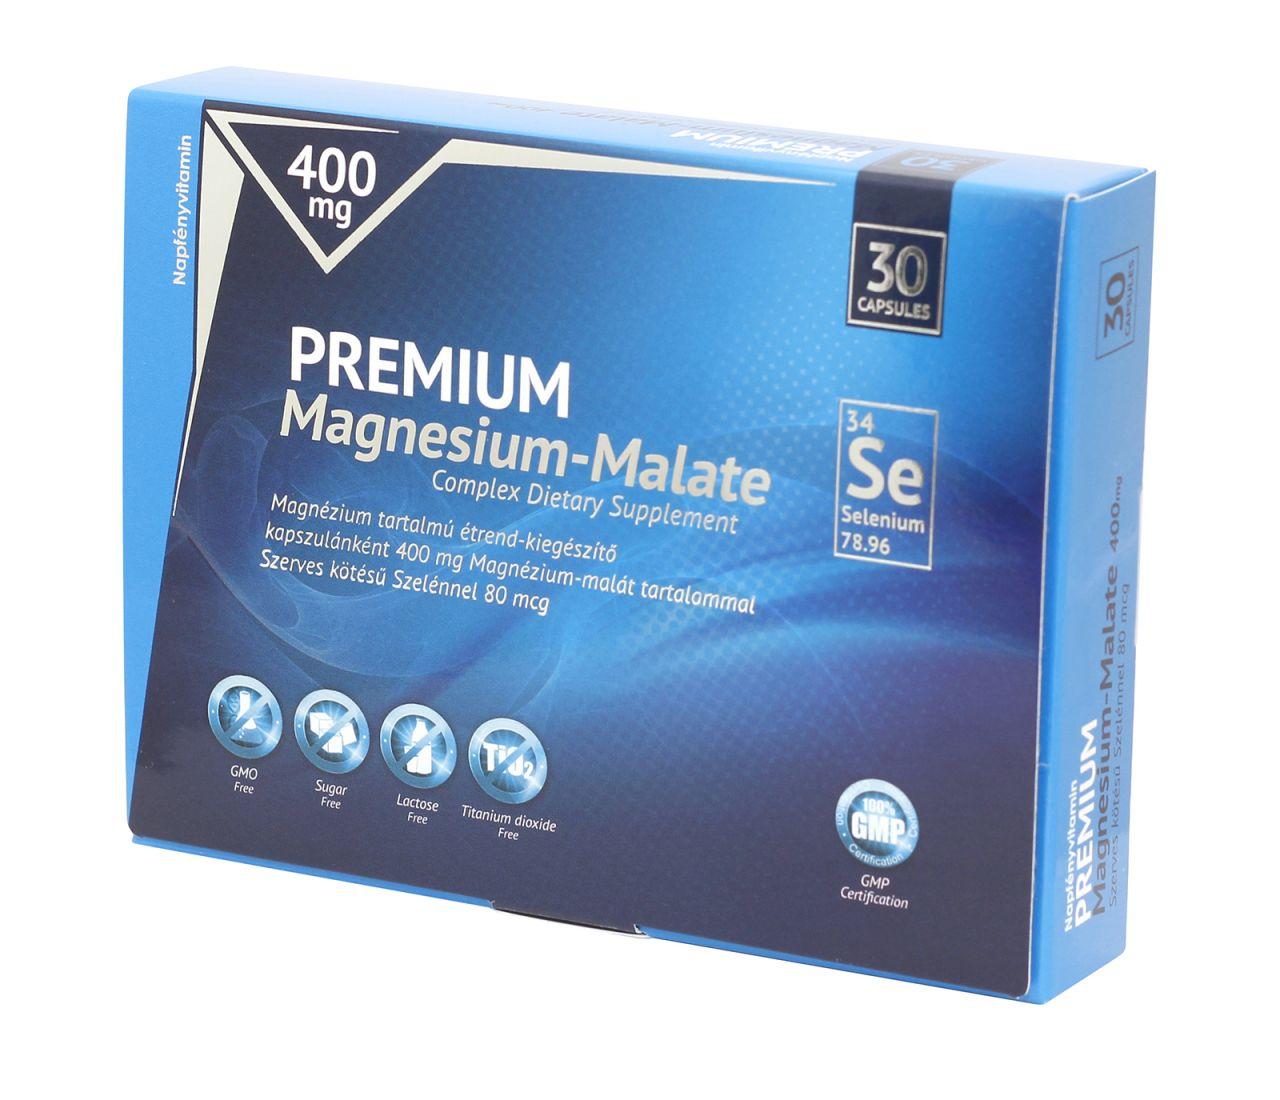 Prémium Magnézium-Malát 400 mg szelénnel dúsítva